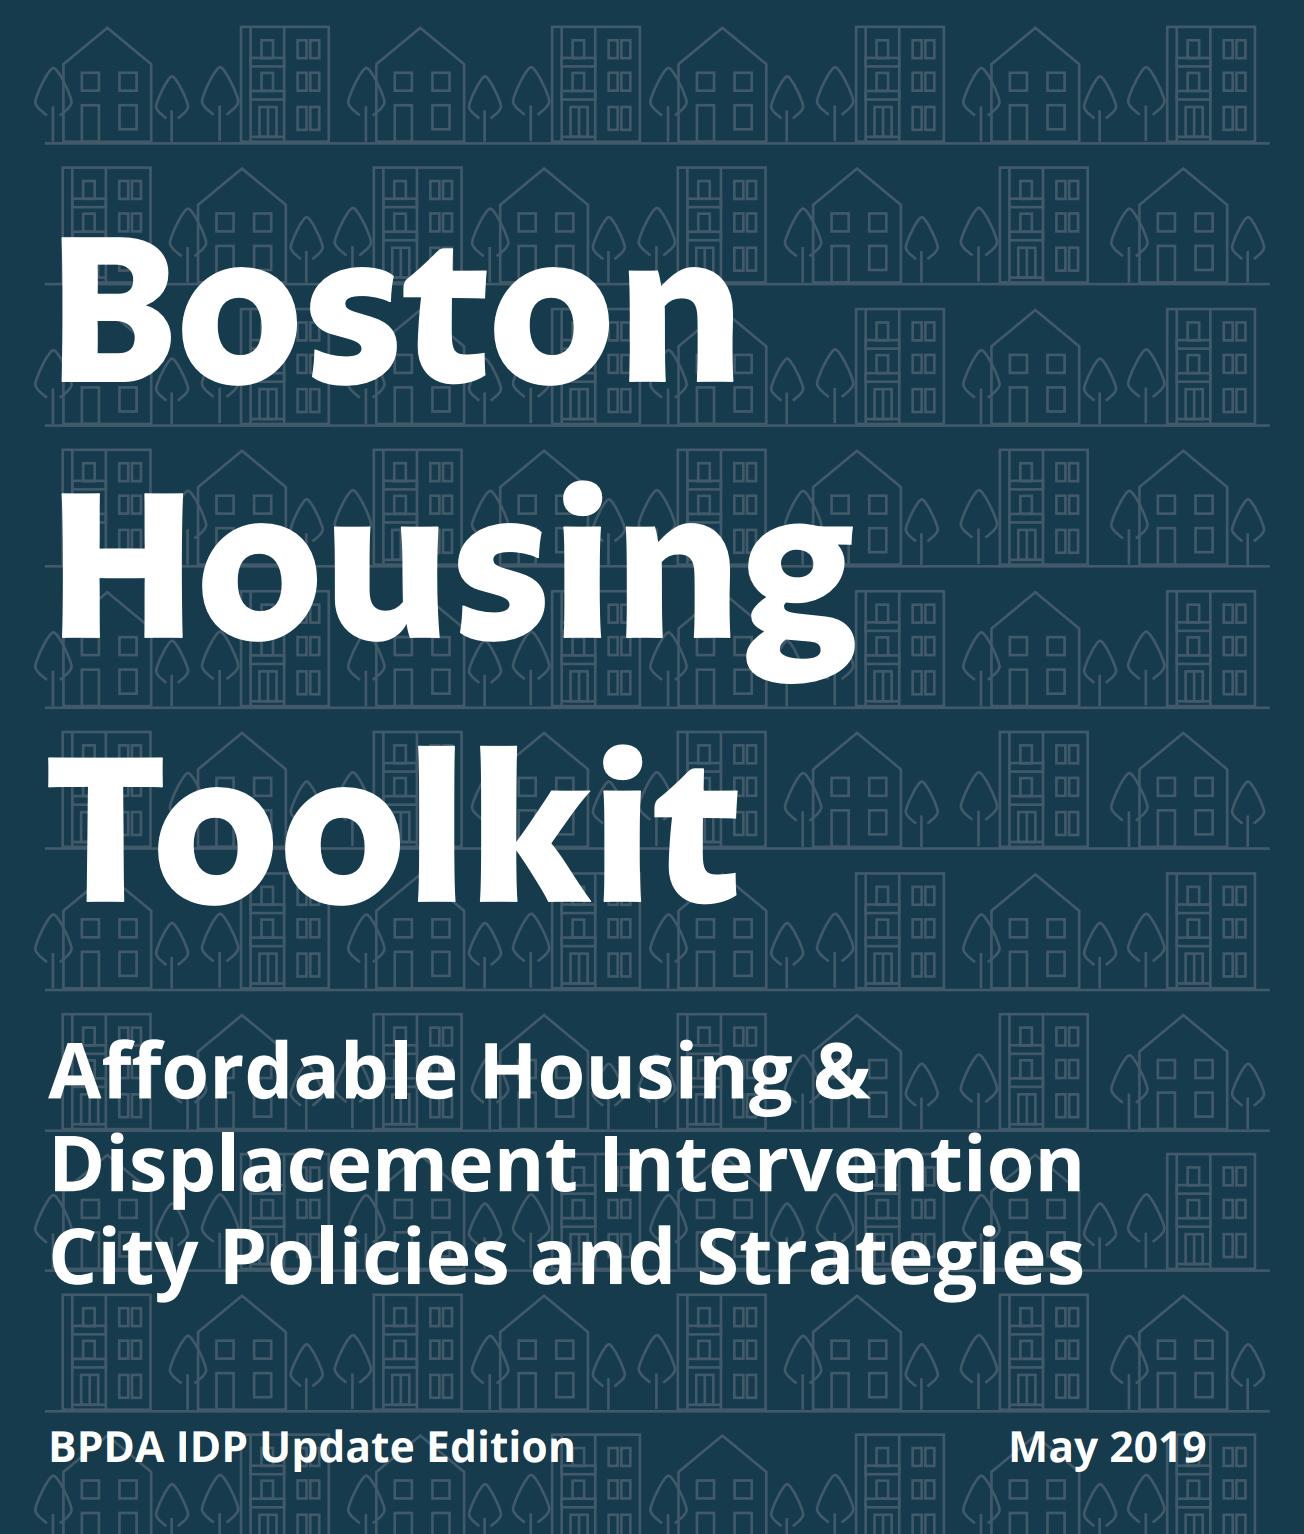 Boston Housing Toolkit